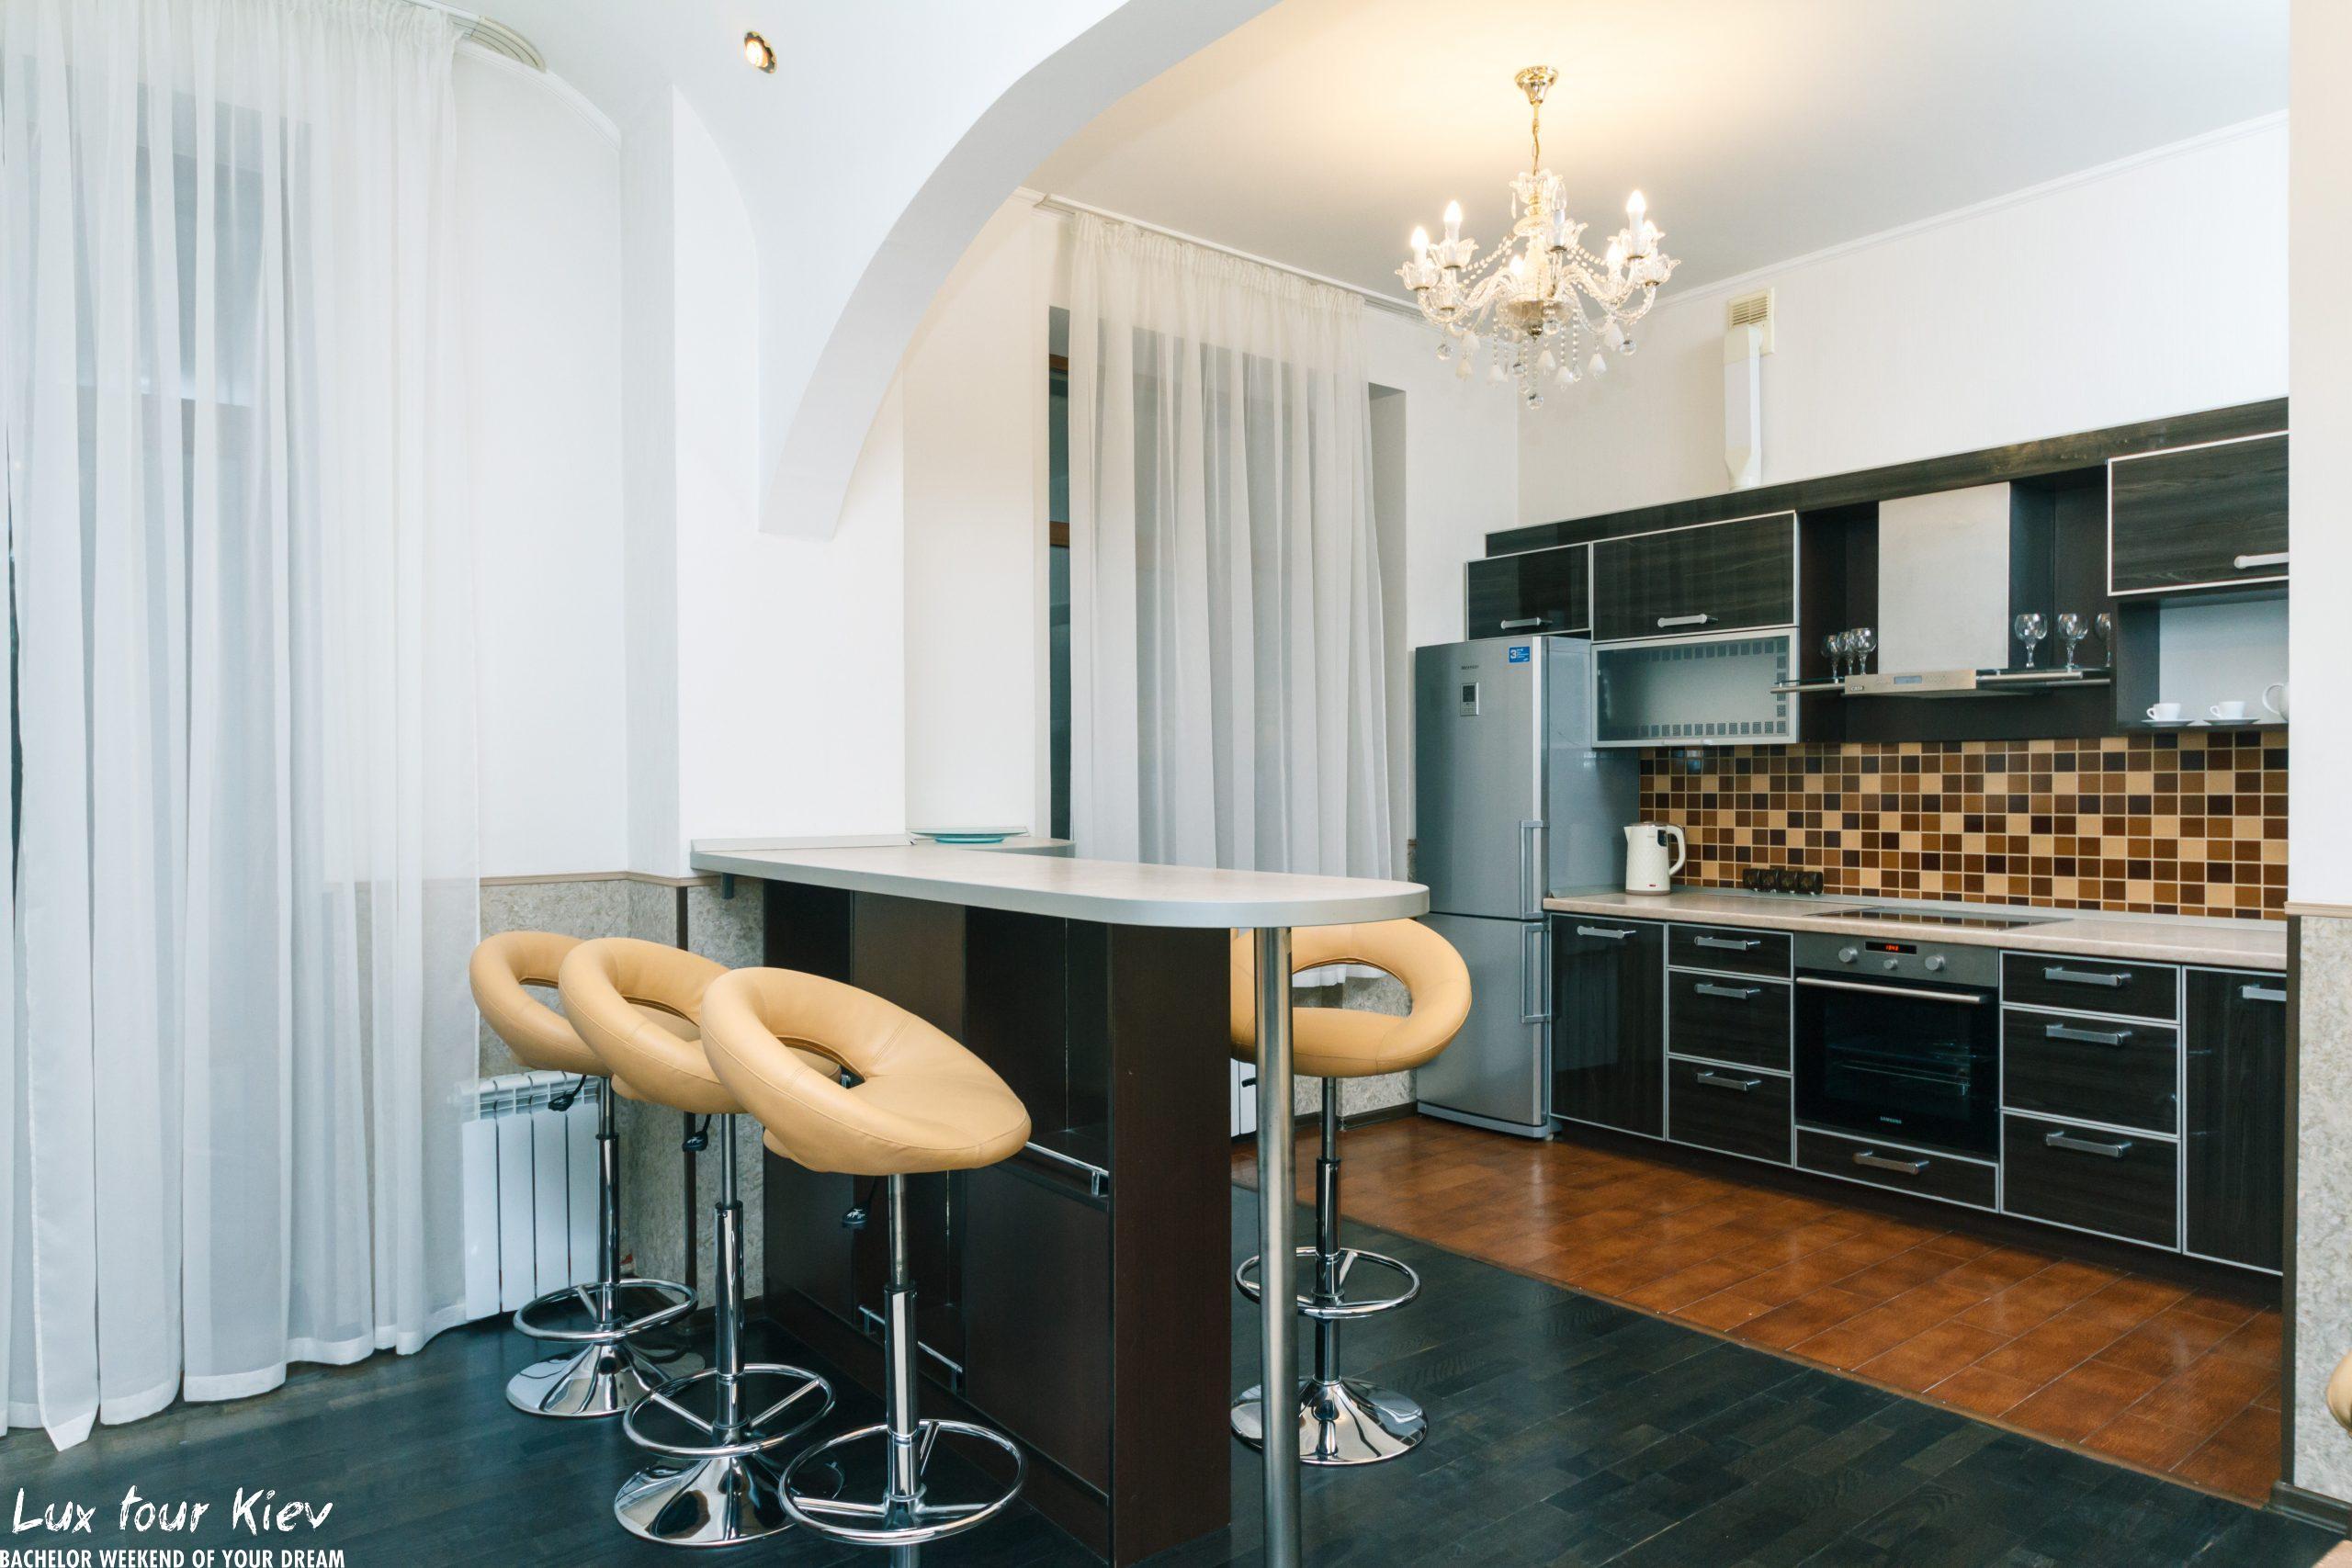 apartment_khreshatyk27_6443